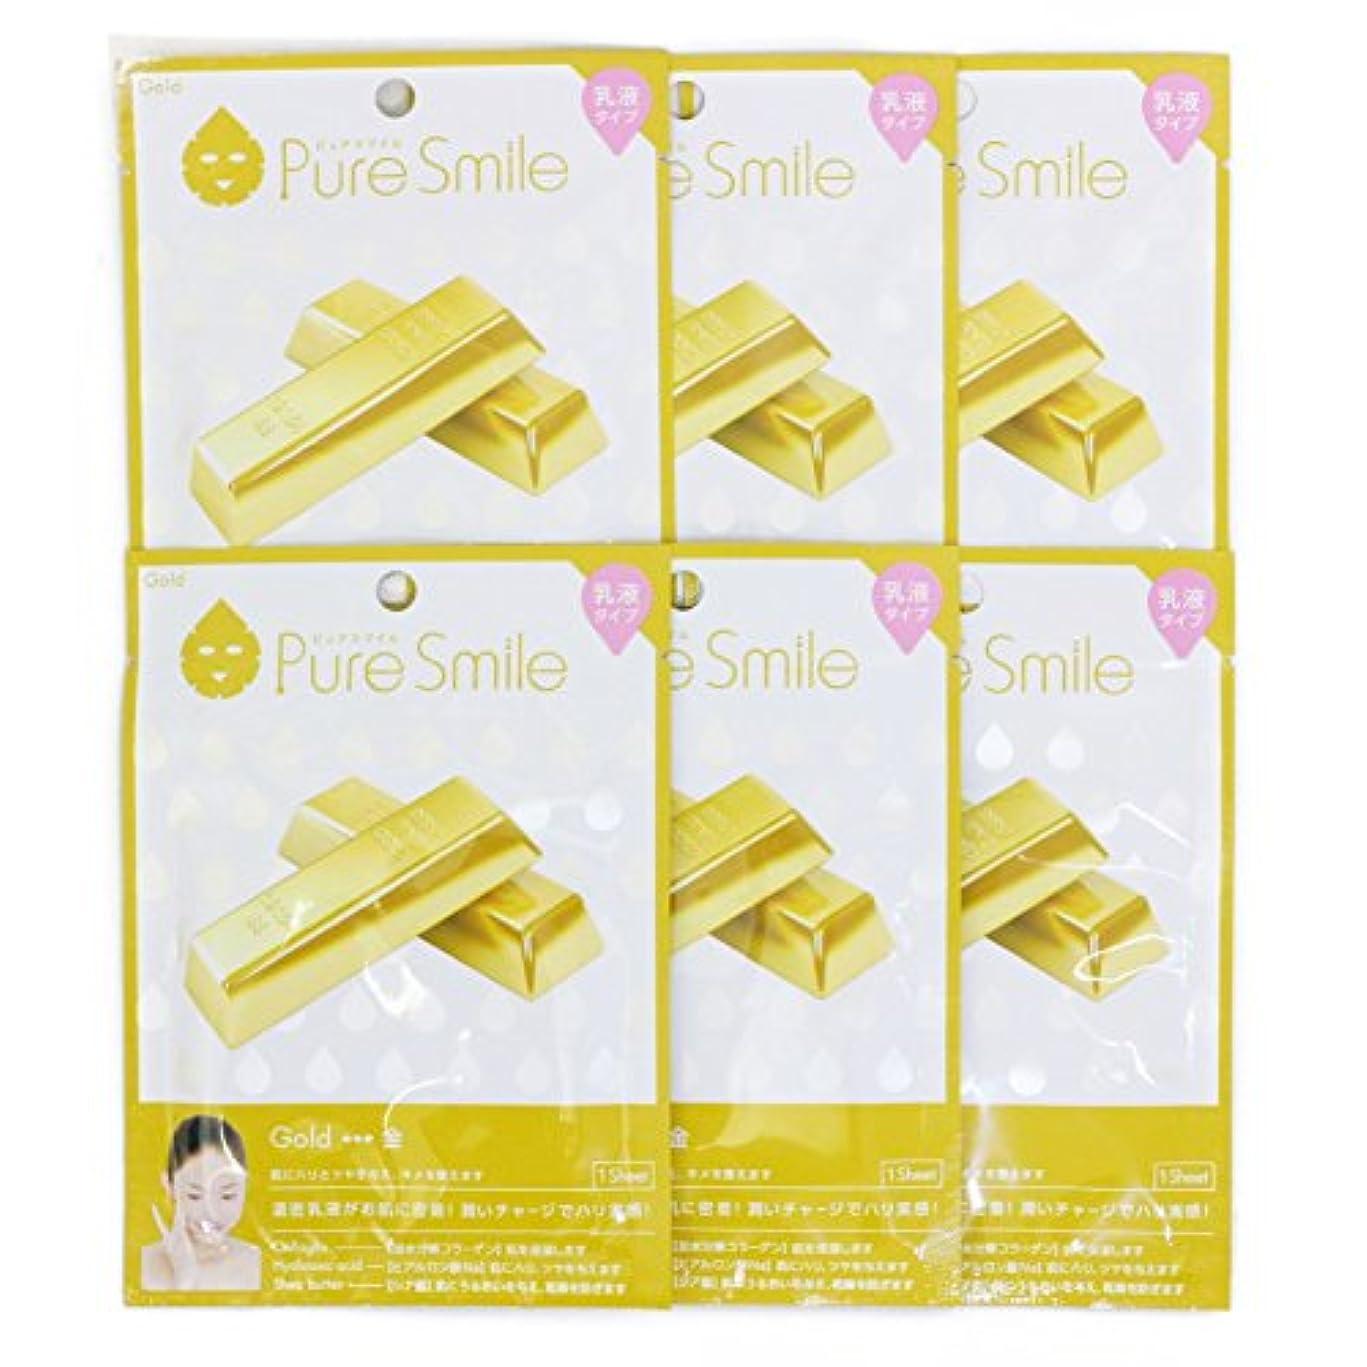 主張ジャベスウィルソン大人Pure Smile ピュアスマイル 乳液エッセンスマスク 金 6枚セット